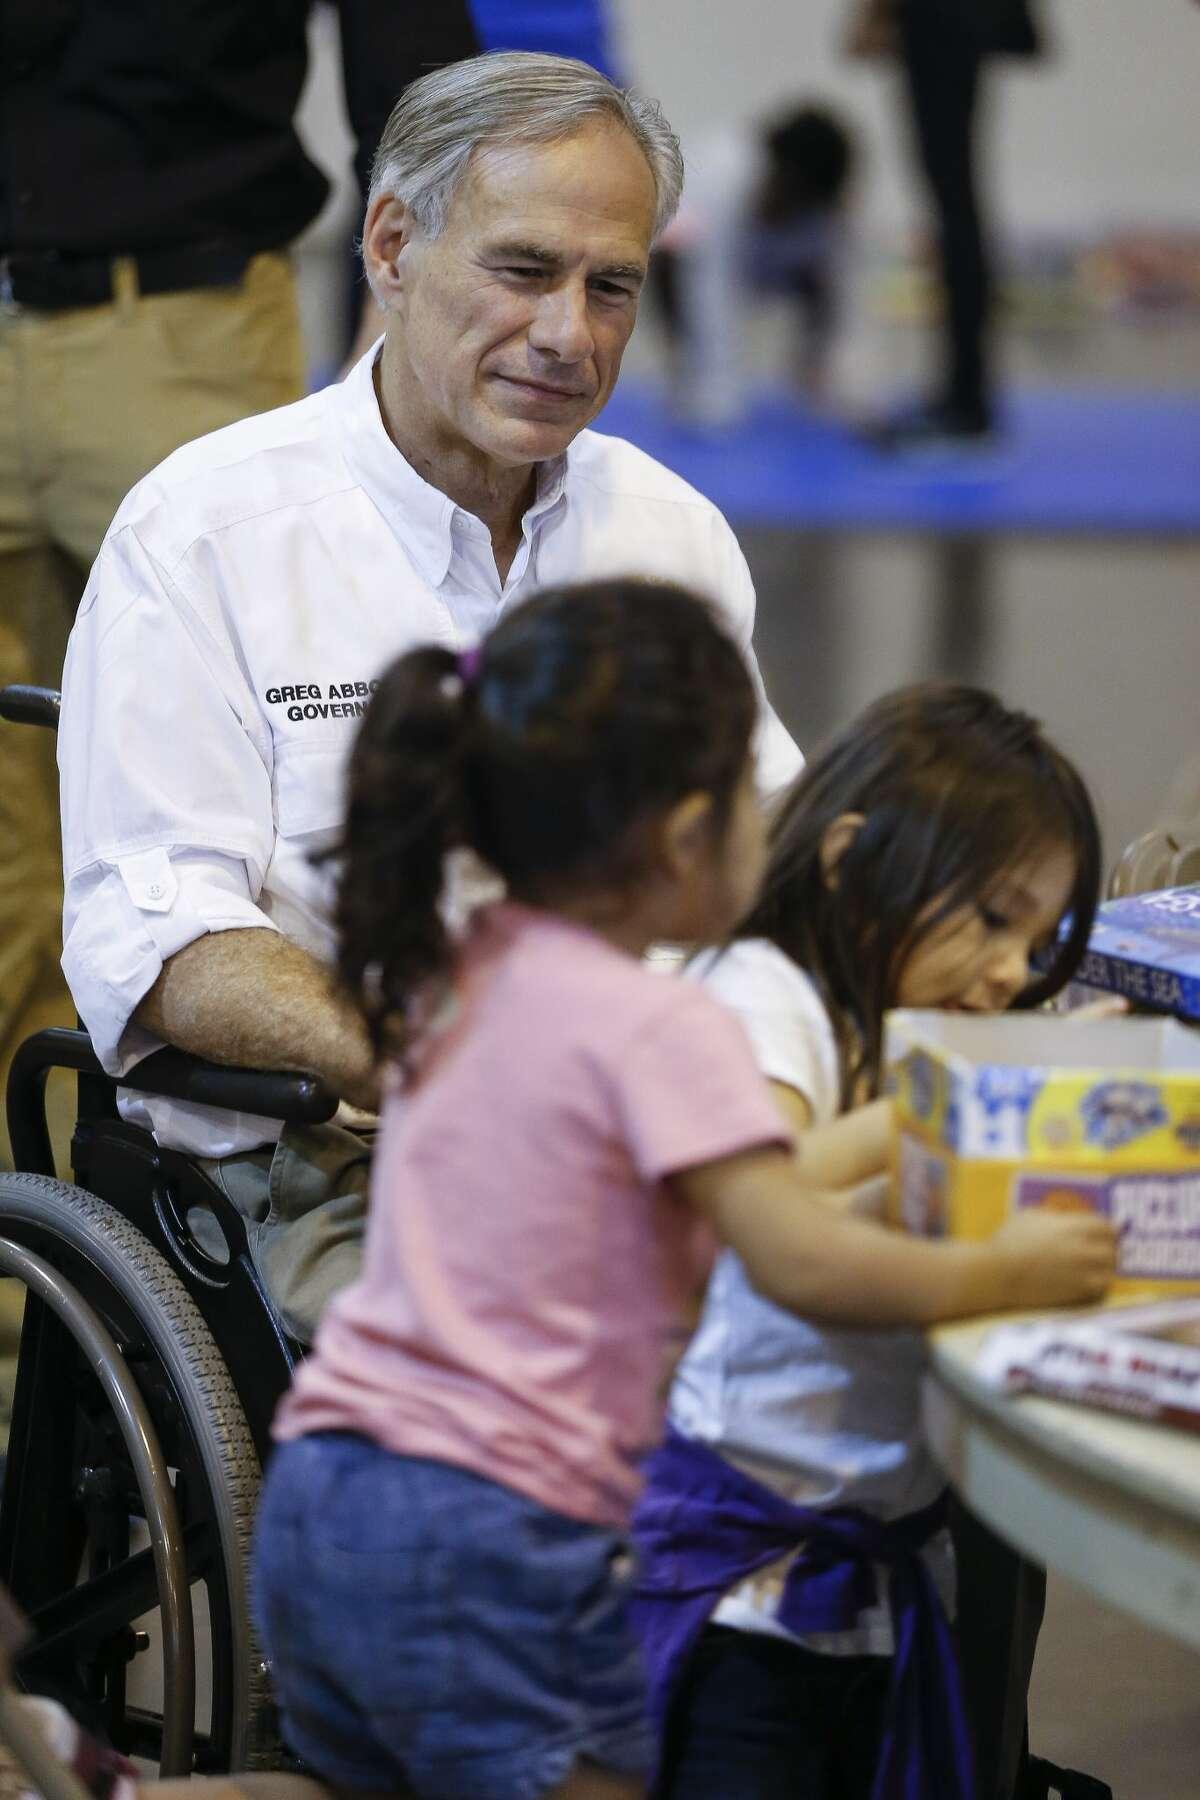 Texas Gov. Greg Abbott visits Hurricane Harvey evacuees at NRG Center in Houston on Saturday, Sept. 2, 2017.